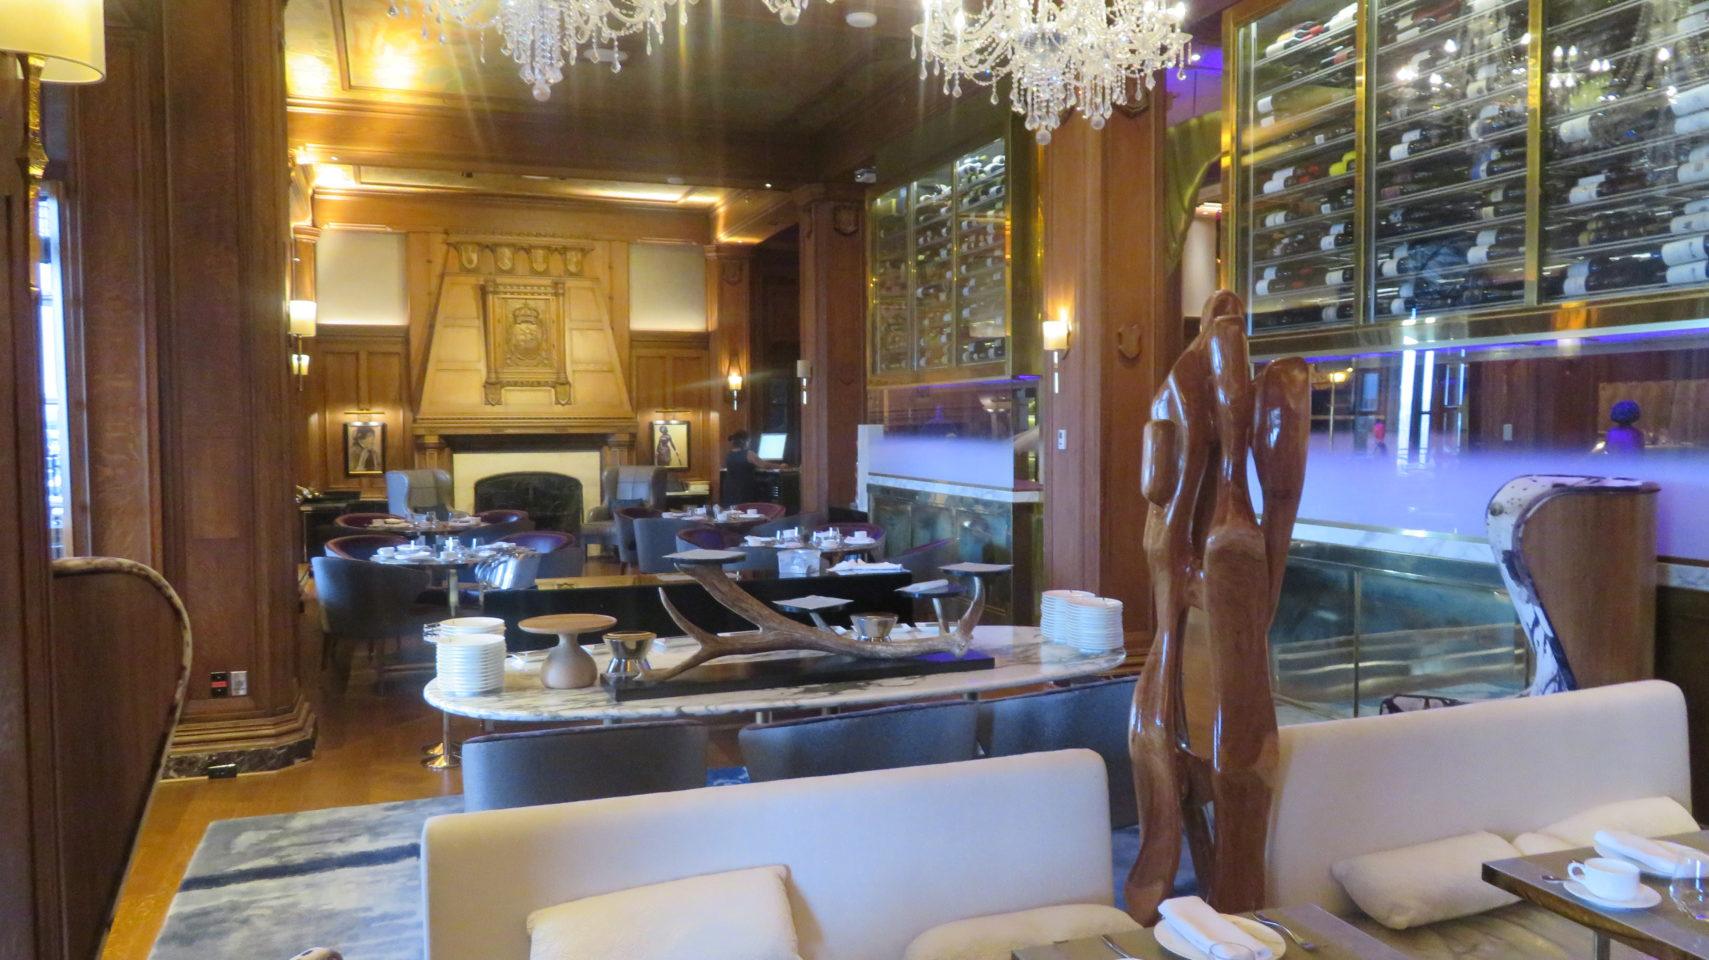 Champlain Restaurant of the Fairmont Le Chateau Frontenac